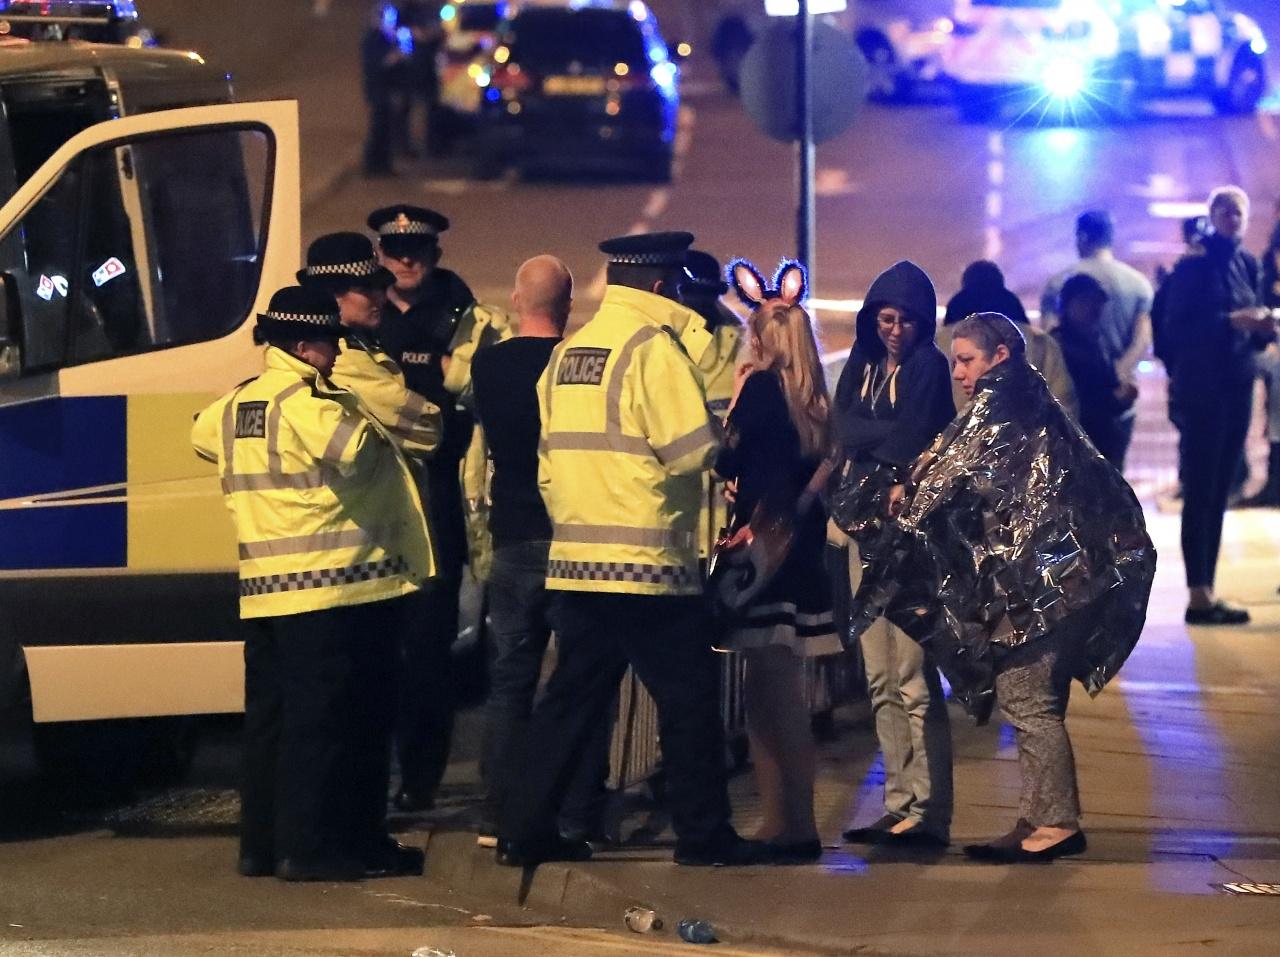 曼徹斯特大爆炸——政治正確性的貽害無窮